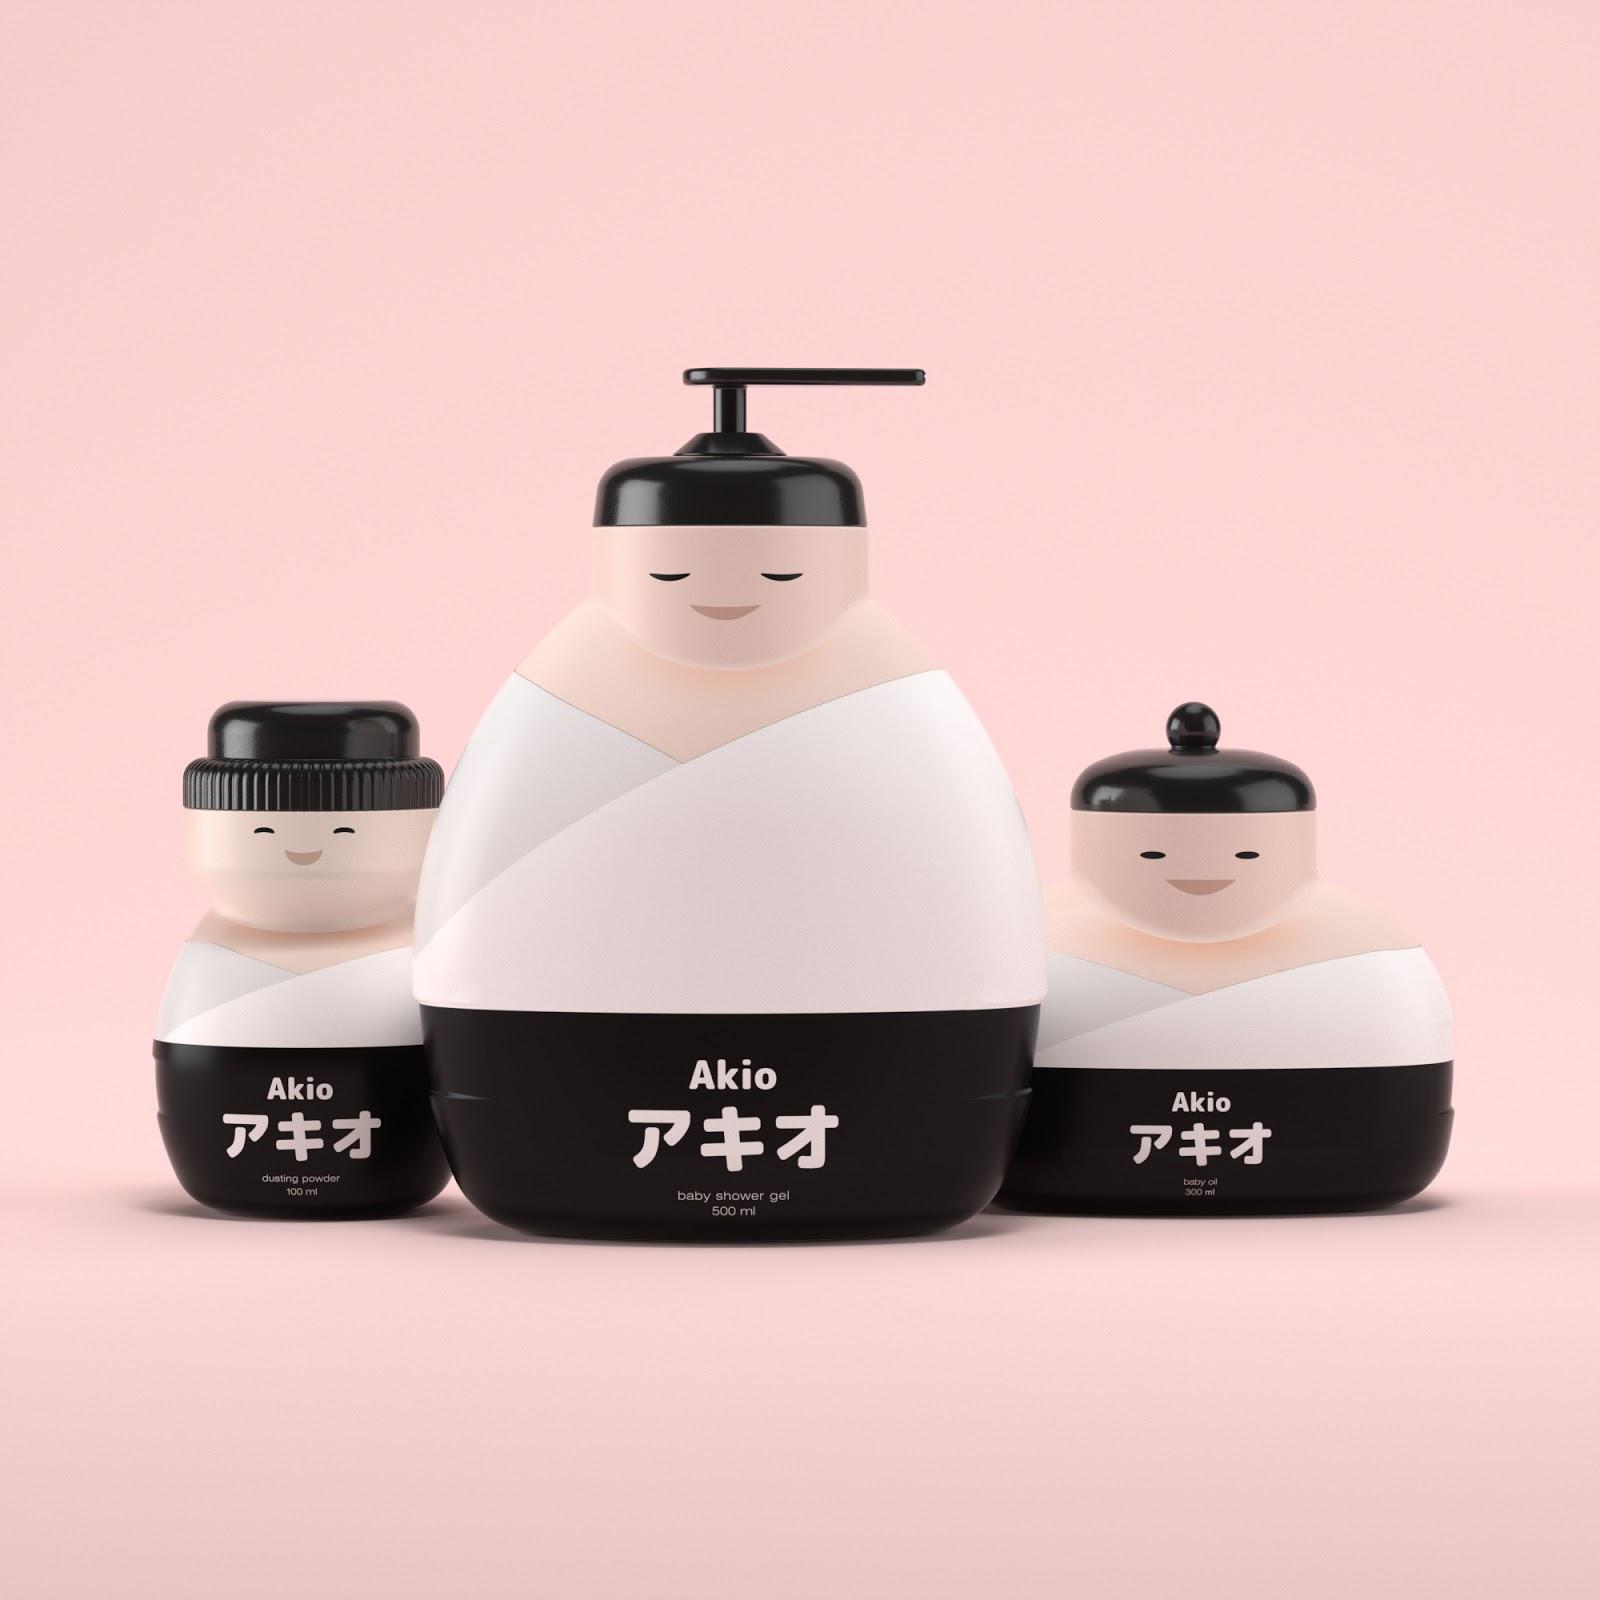 可爱和服人物!Akio日式儿童沐浴露包装设计